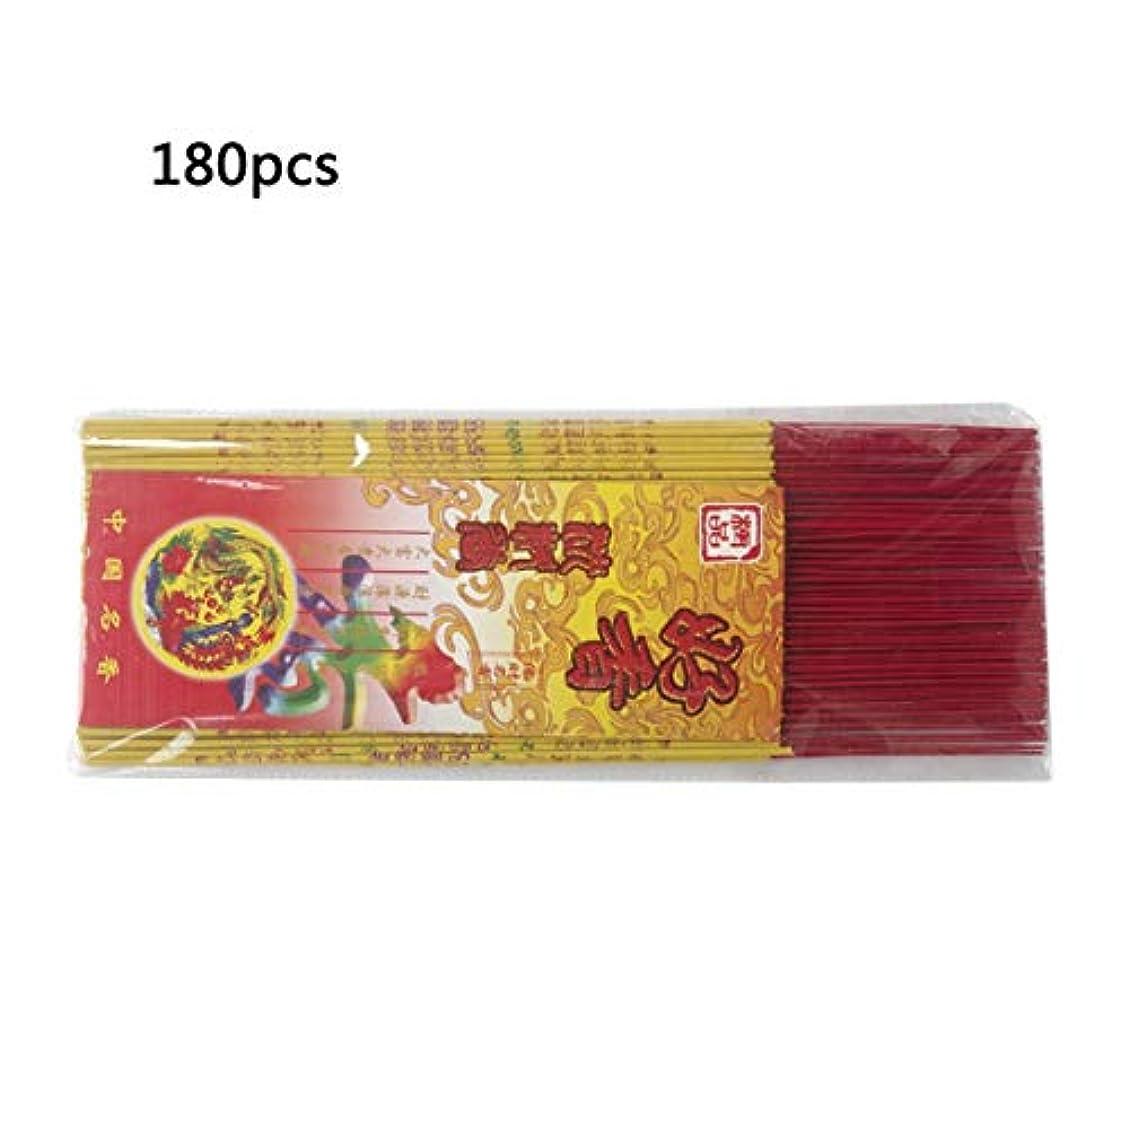 フェンスそう学者Bibipangstore J013チベット香自然な手作りの仏教瞑想癒しの香り香スティックゴールドスタンピング40cm&180スティック